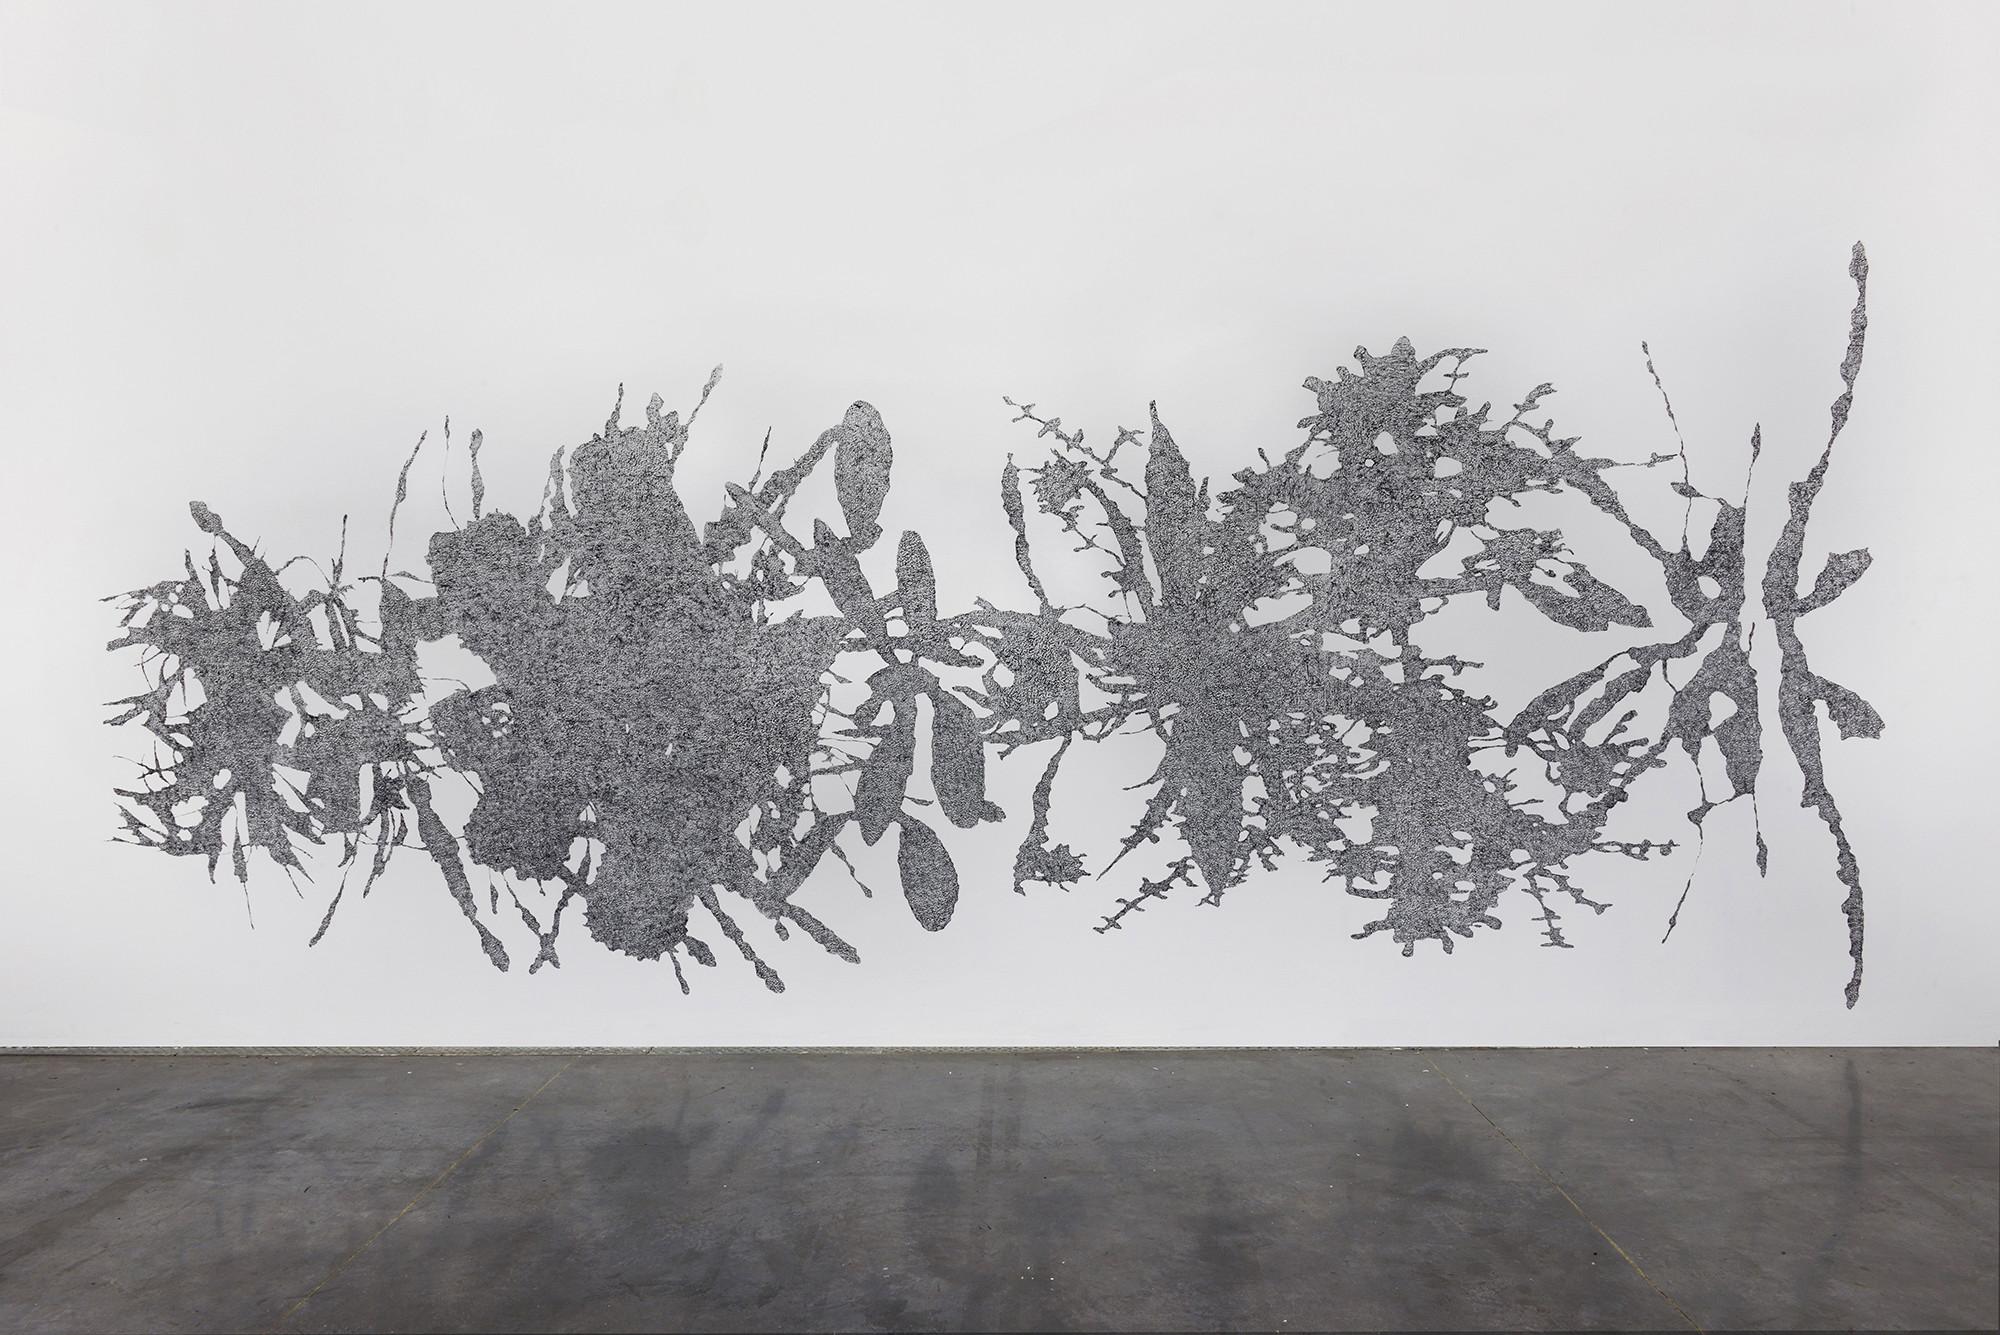 Bernhard Rüdiger, XXe Fin - Cry, 2002-2015, dessin mural, craie grasse. Vue de l'exposition au Frac Languedoc-Roussillon. Photo Pierre Schwartz